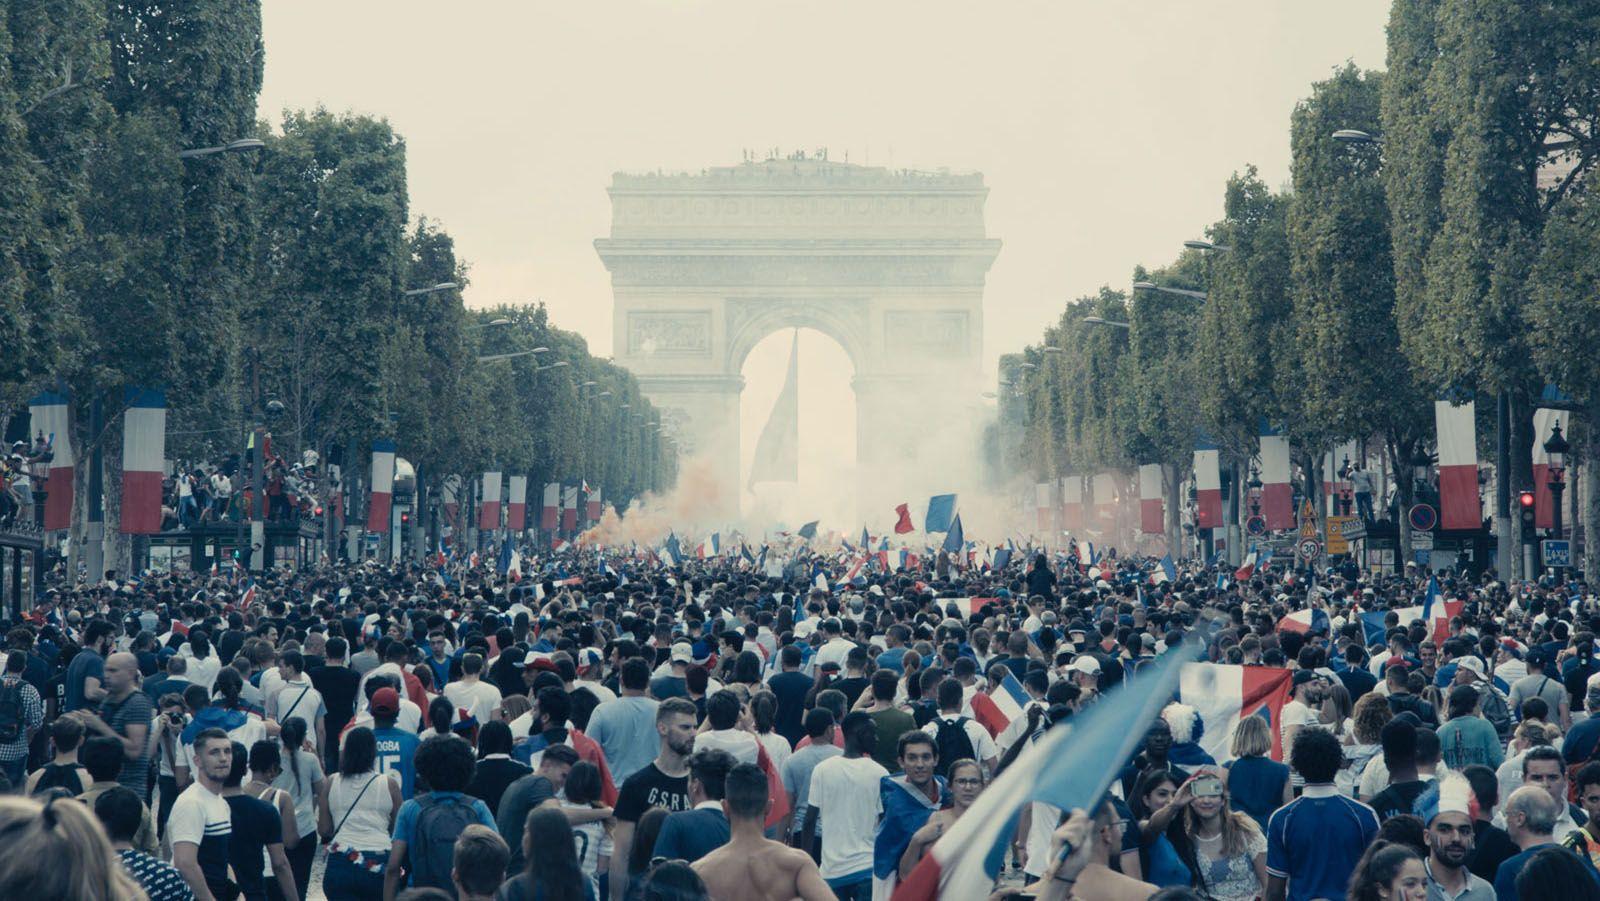 Les Misérables de Ladj Ly, candidat de la France pour les Oscars 2020